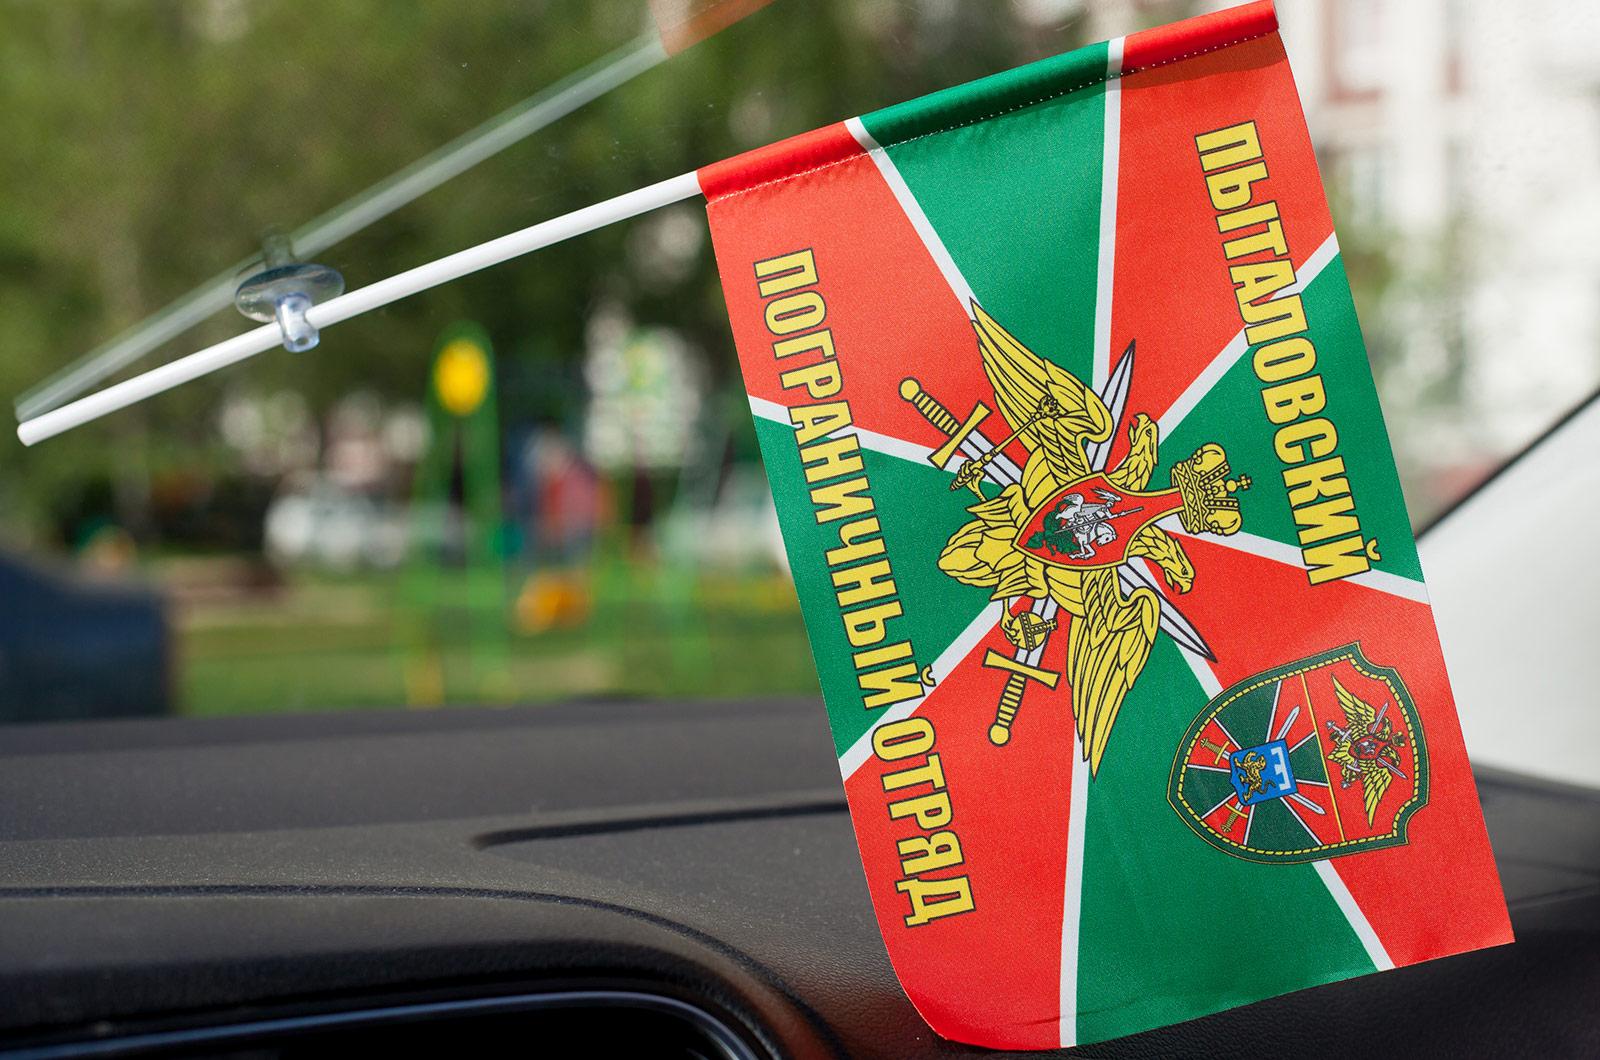 Флажок в машину «Пыталовский пограничный отряд»